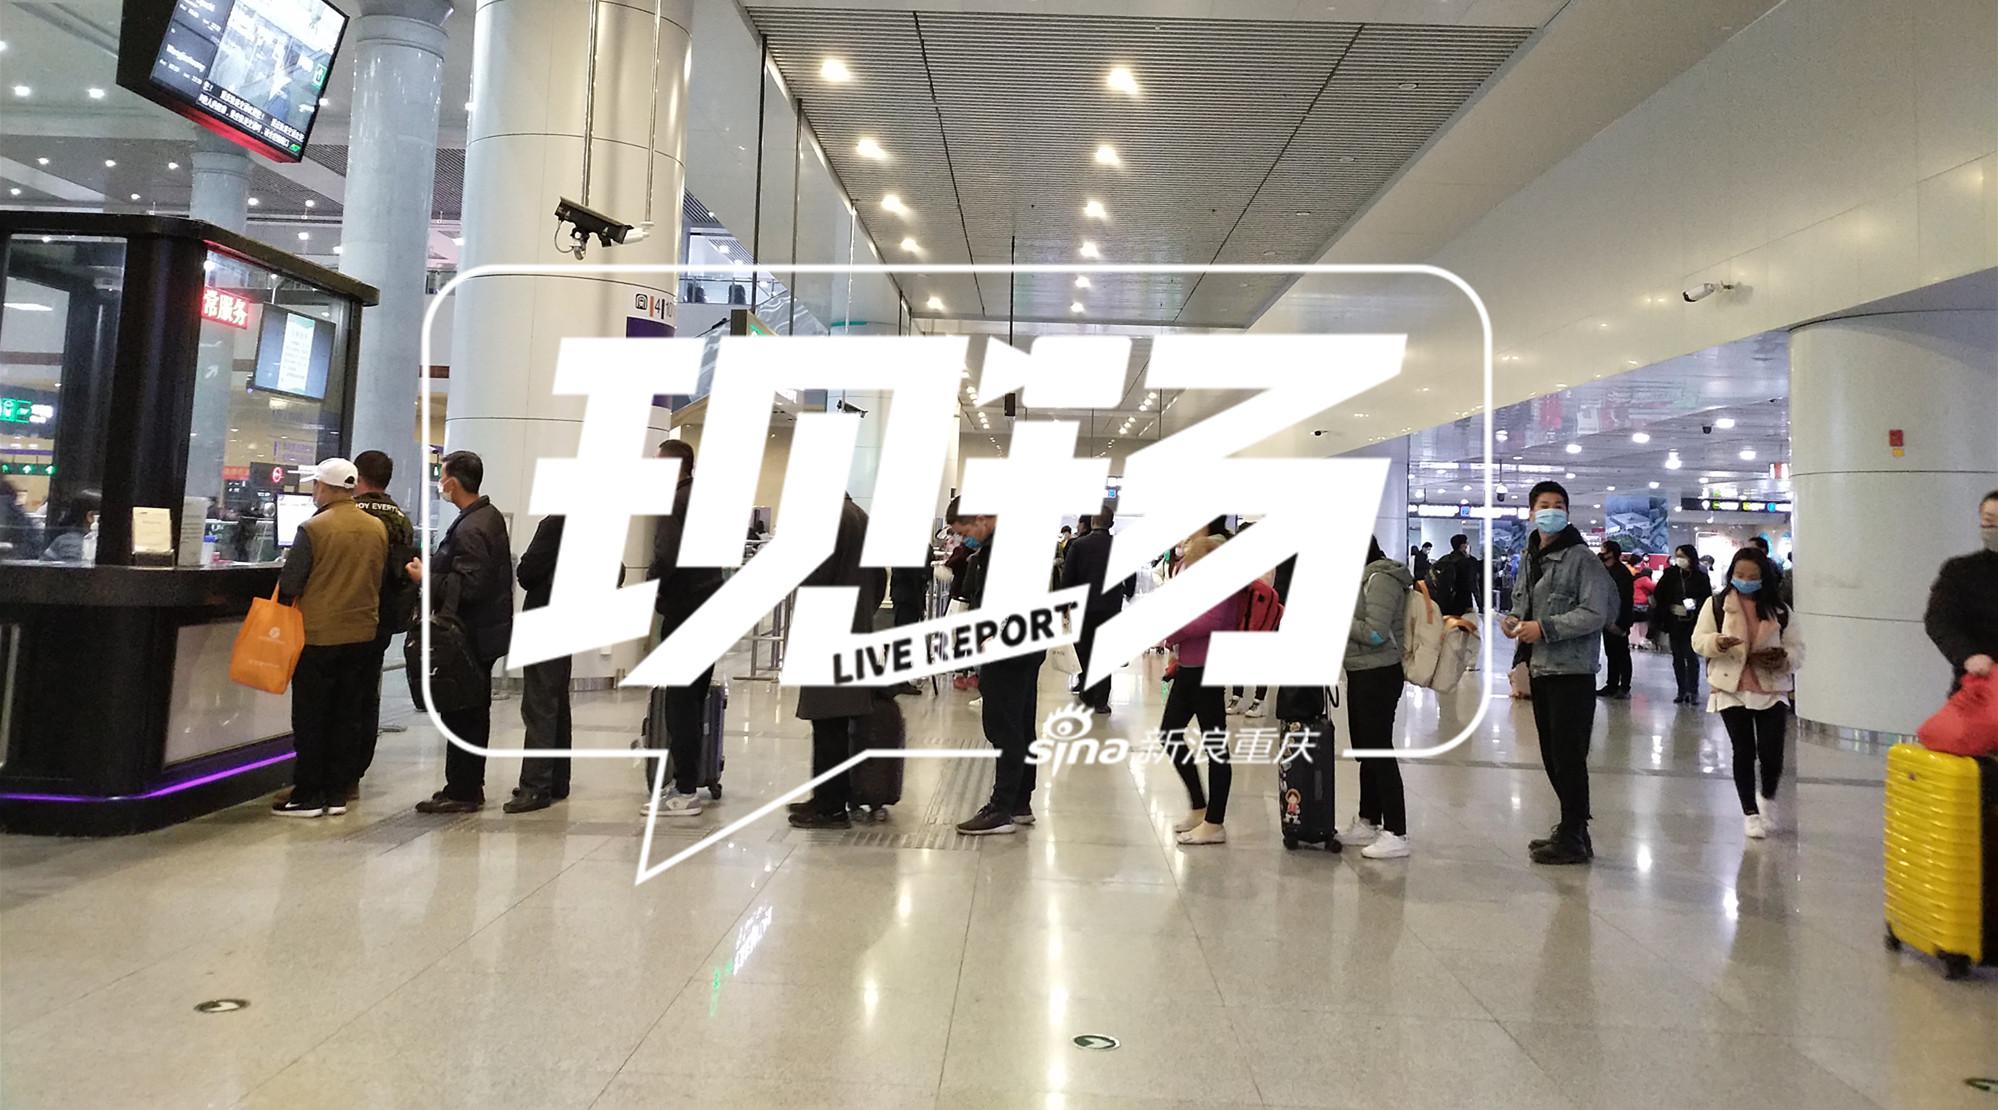 清明假期来临 重庆北站迎客流高峰